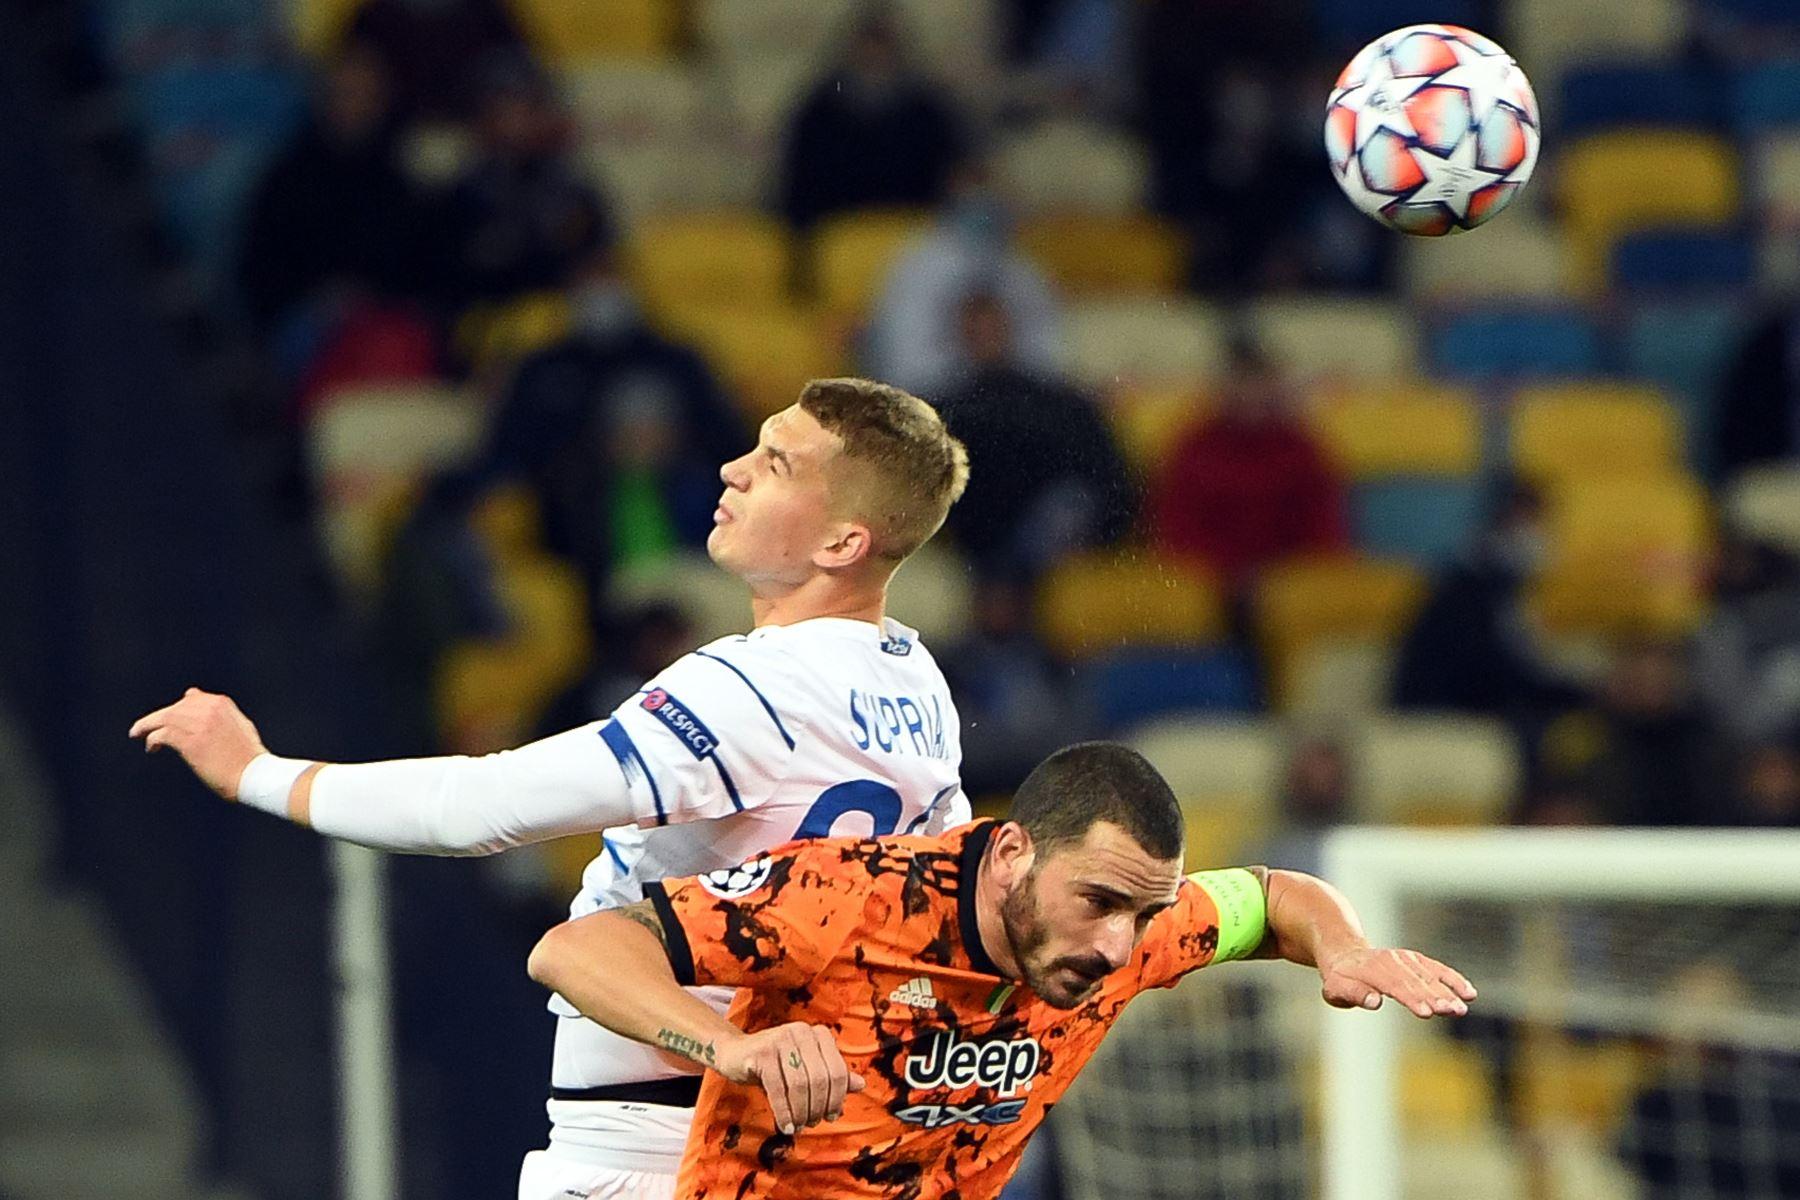 El delantero ucraniano del Dynamo Kiev Vladyslav Supriaha y el defensor italiano de la Juventus, Leonardo Bonucci, compiten por el balón durante el partido de fútbol del grupo G de la Liga de Campeones de la UEFA. Foto: AFP